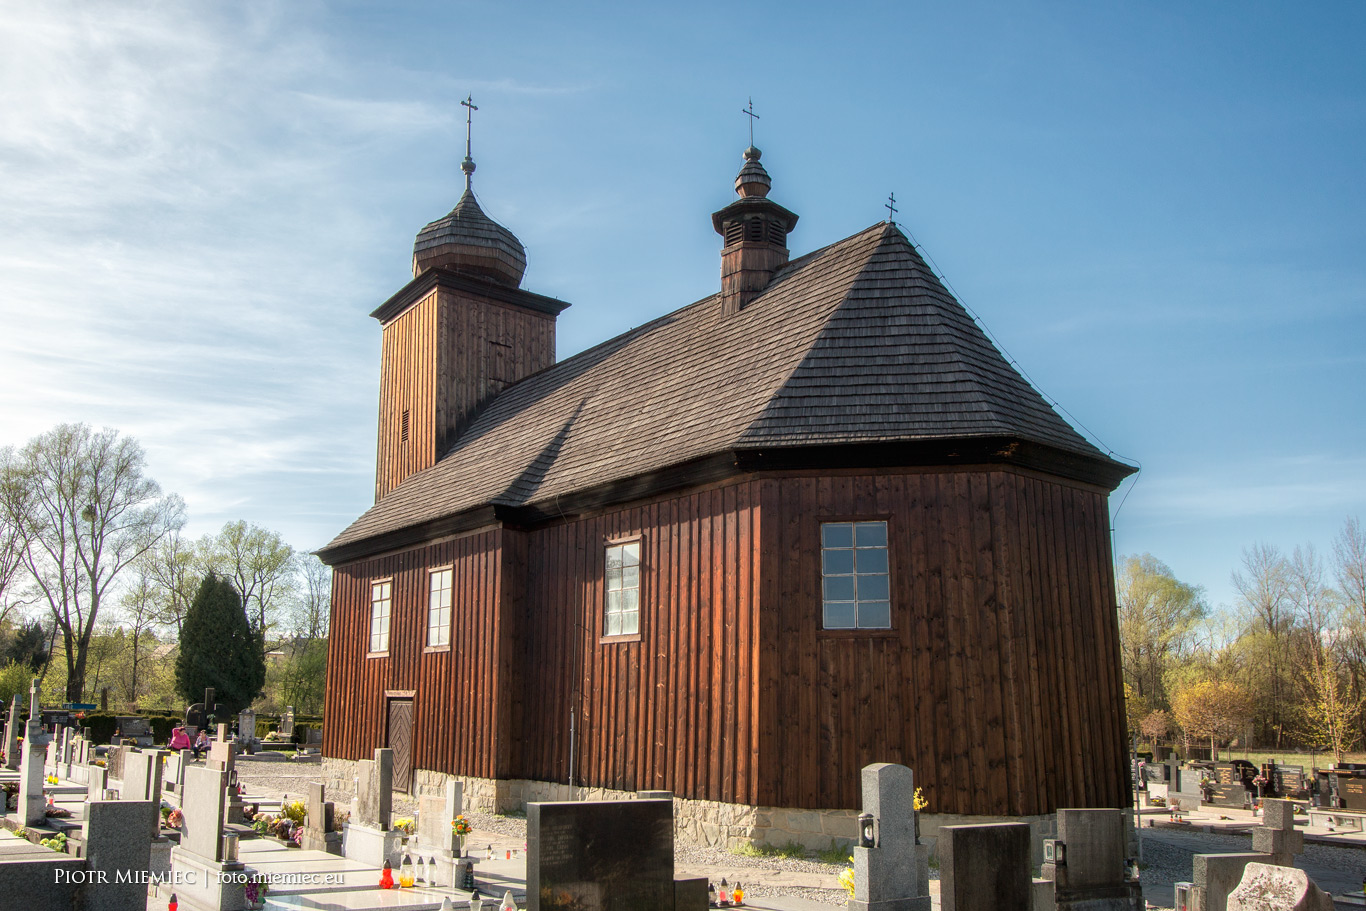 Albrechtice drewniany kościół IMG_7445